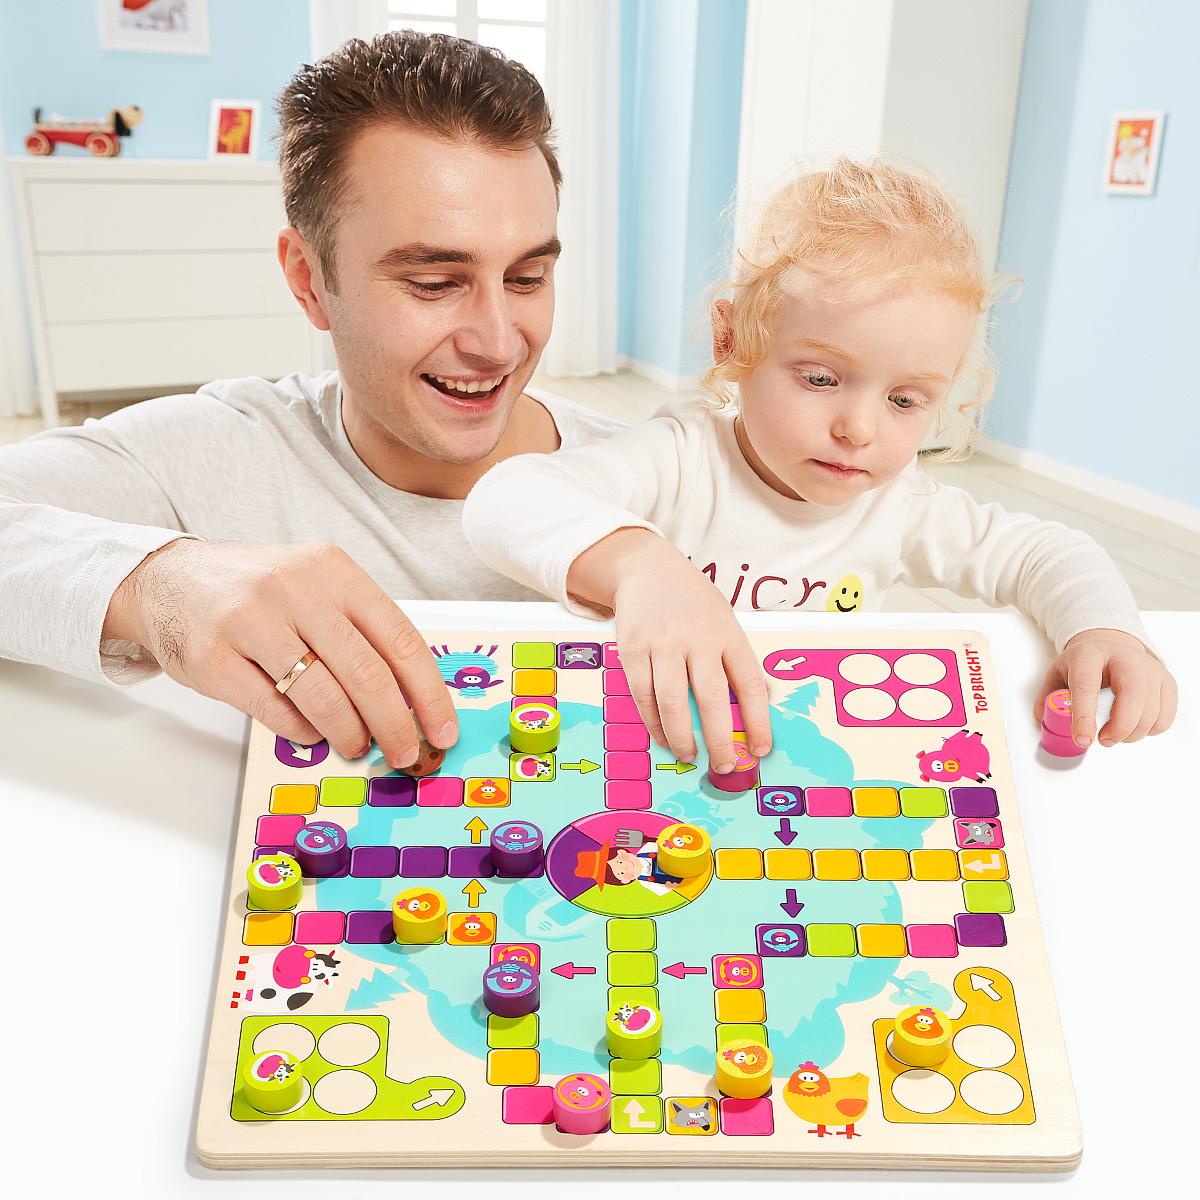 Mẫu giáo câu đố cờ vua đồ chơi cậu bé 3-6-10 tuổi trẻ em bay cờ vua cha mẹ và con trò chơi máy tính để bàn cờ vua học sinh tiểu học